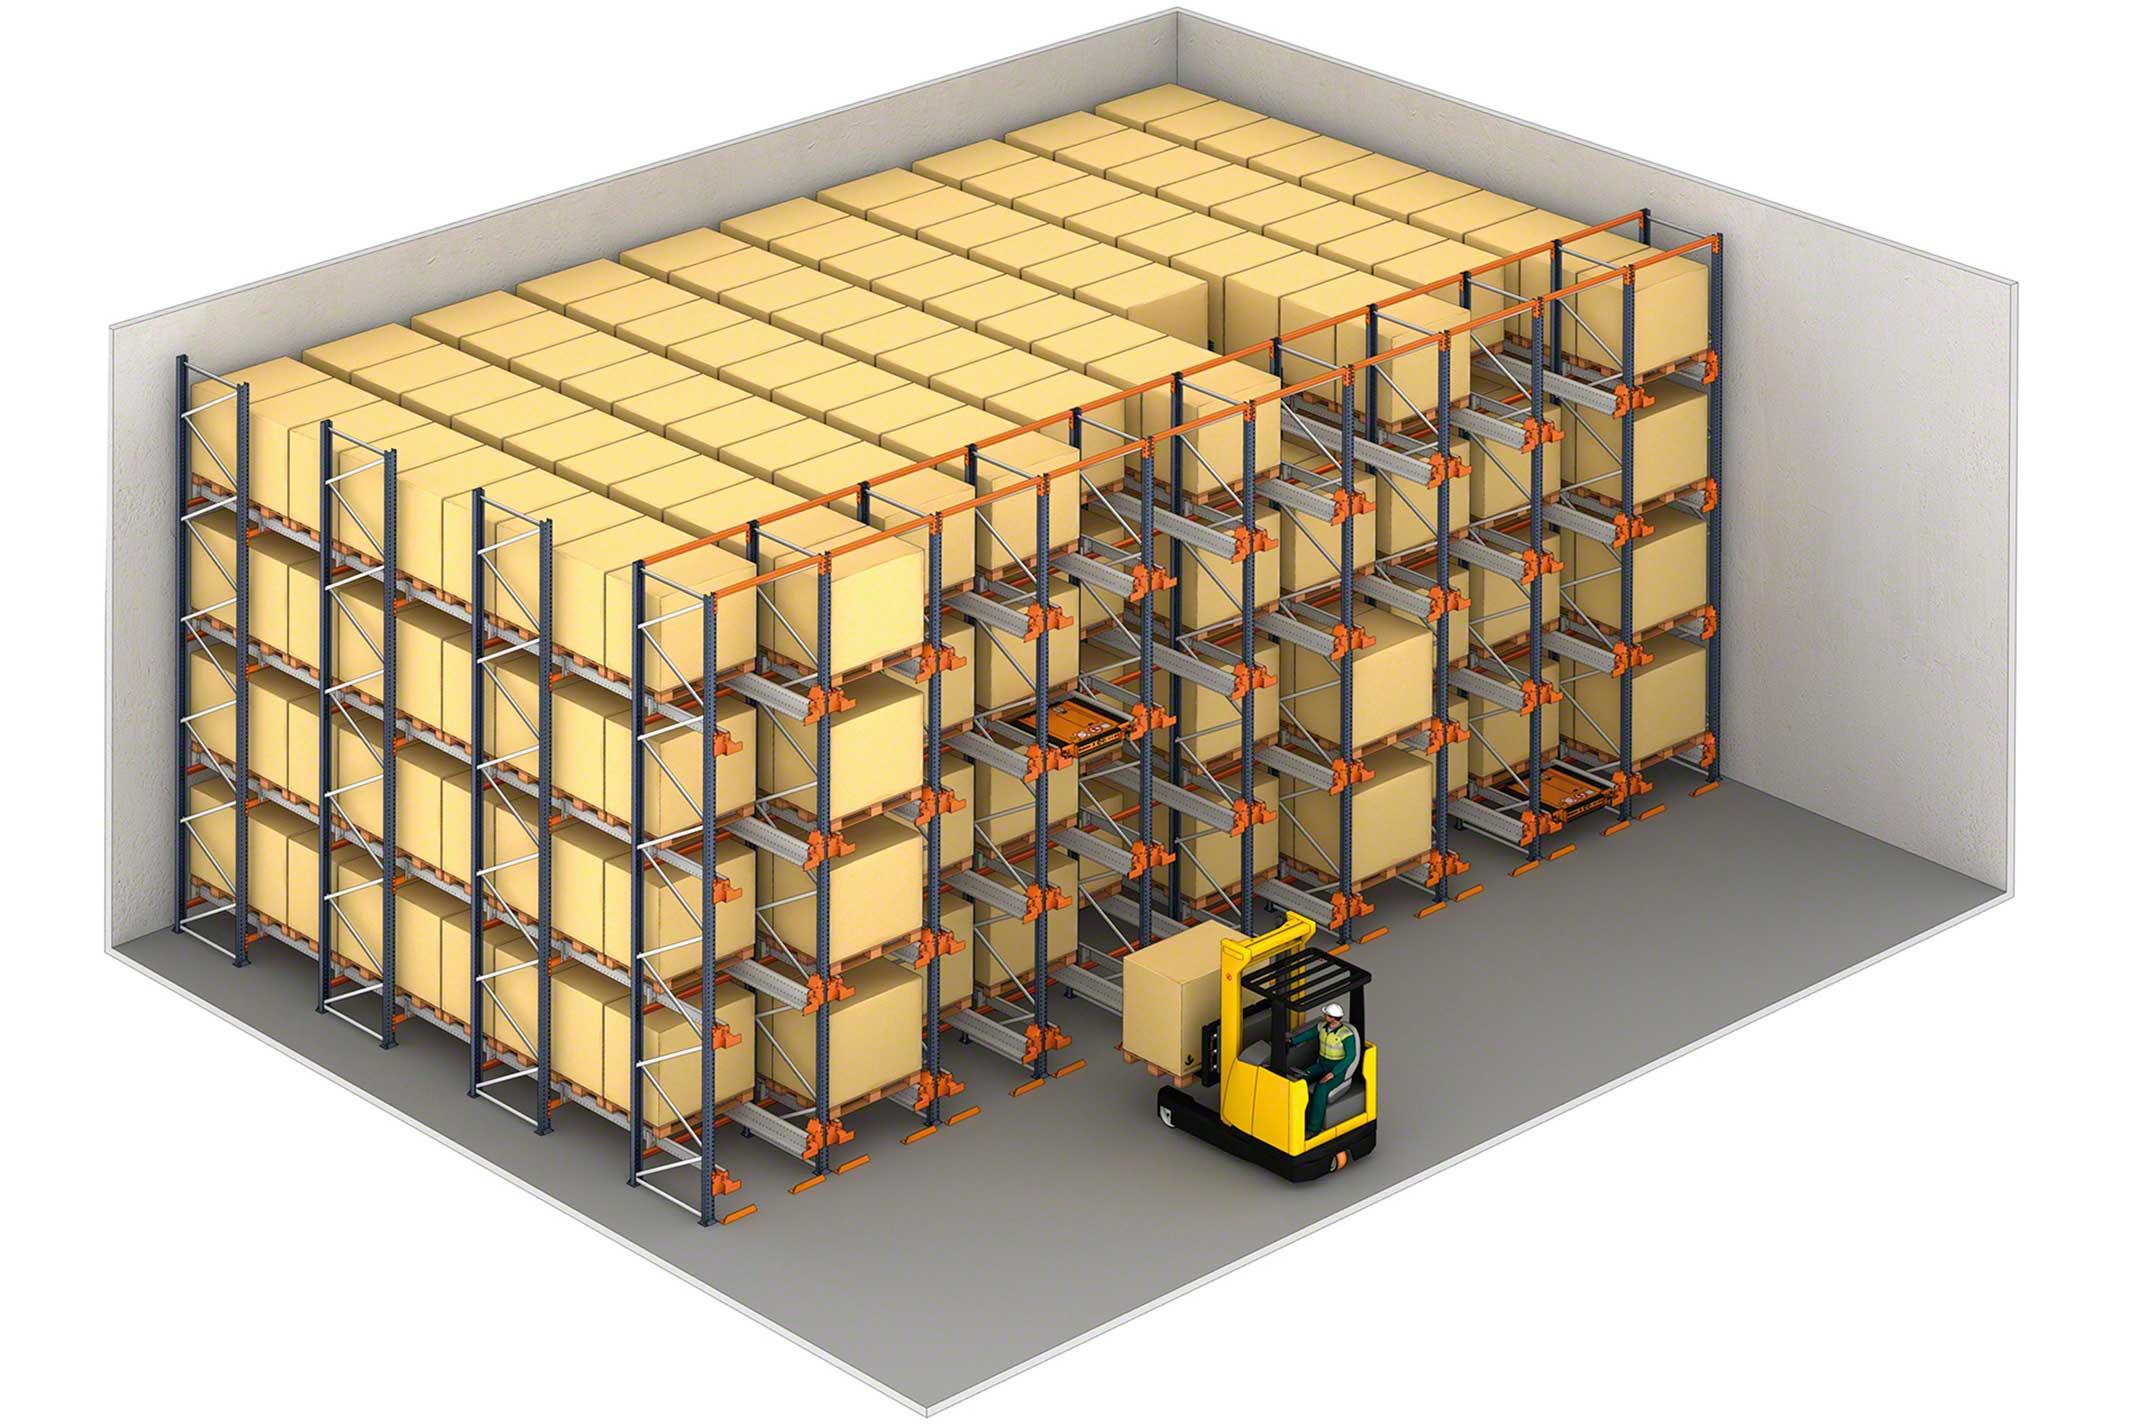 Beispiel für ein Kompaktlager mit Pallet Shuttle und Kommissionierungsebene